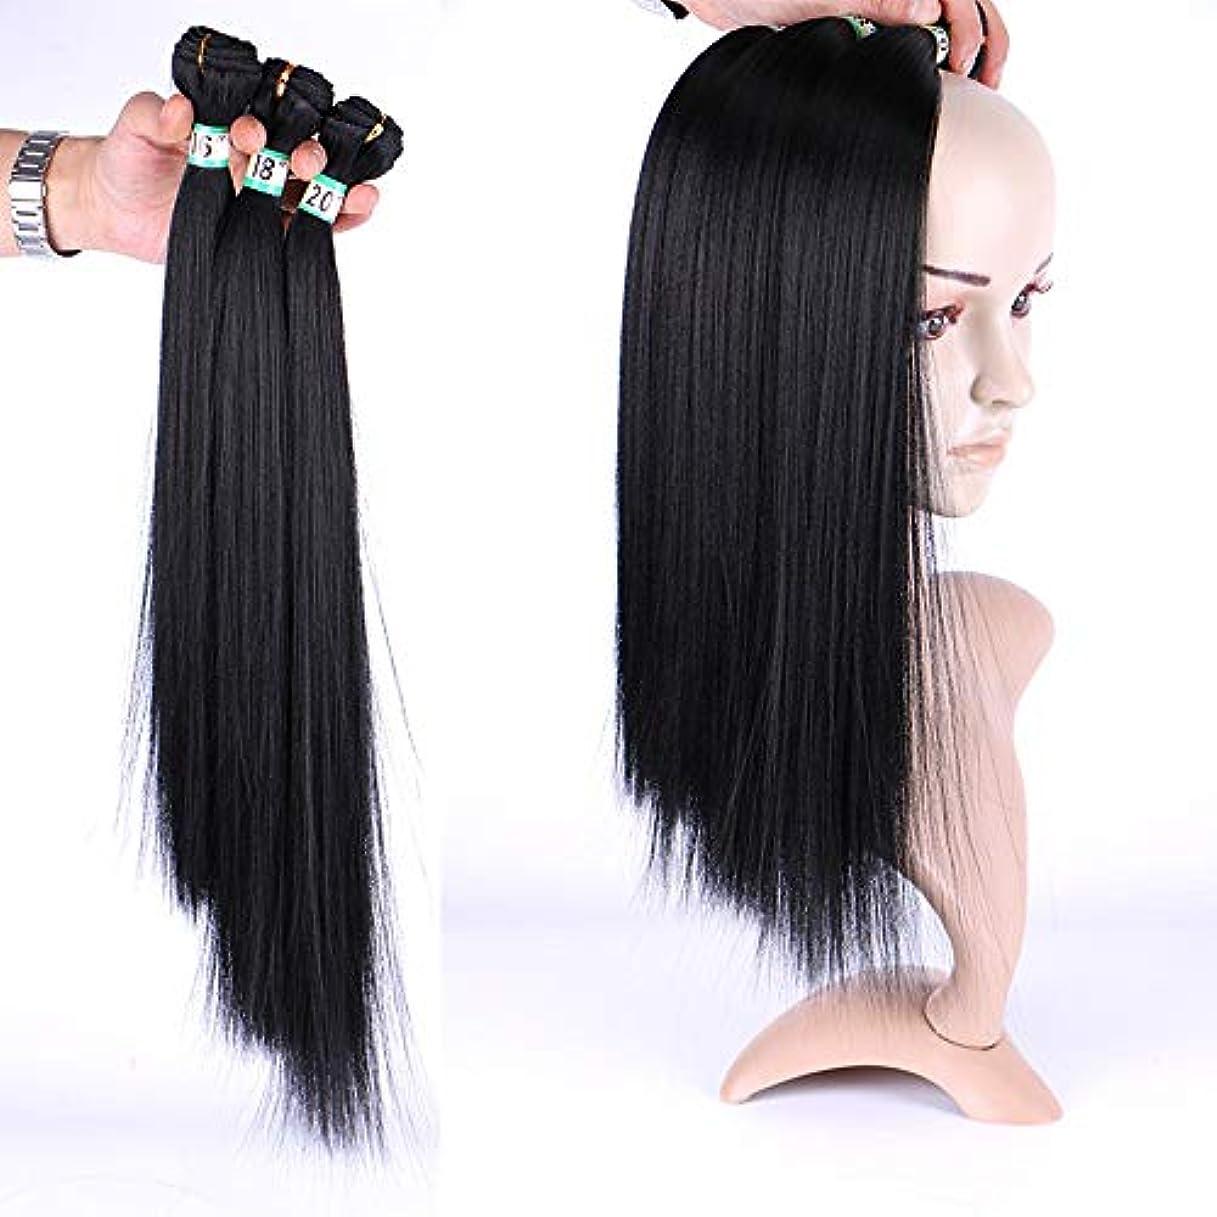 キャリッジ空いているサージHOHYLLYA 女性のシルキーストレートヘア3バンドル髪織りエクステンション - ナチュラルブラック(1バンドル/ 70g)合成髪レースかつらロールプレイングウィッグロングとショート女性自然 (色 : 黒, サイズ :...